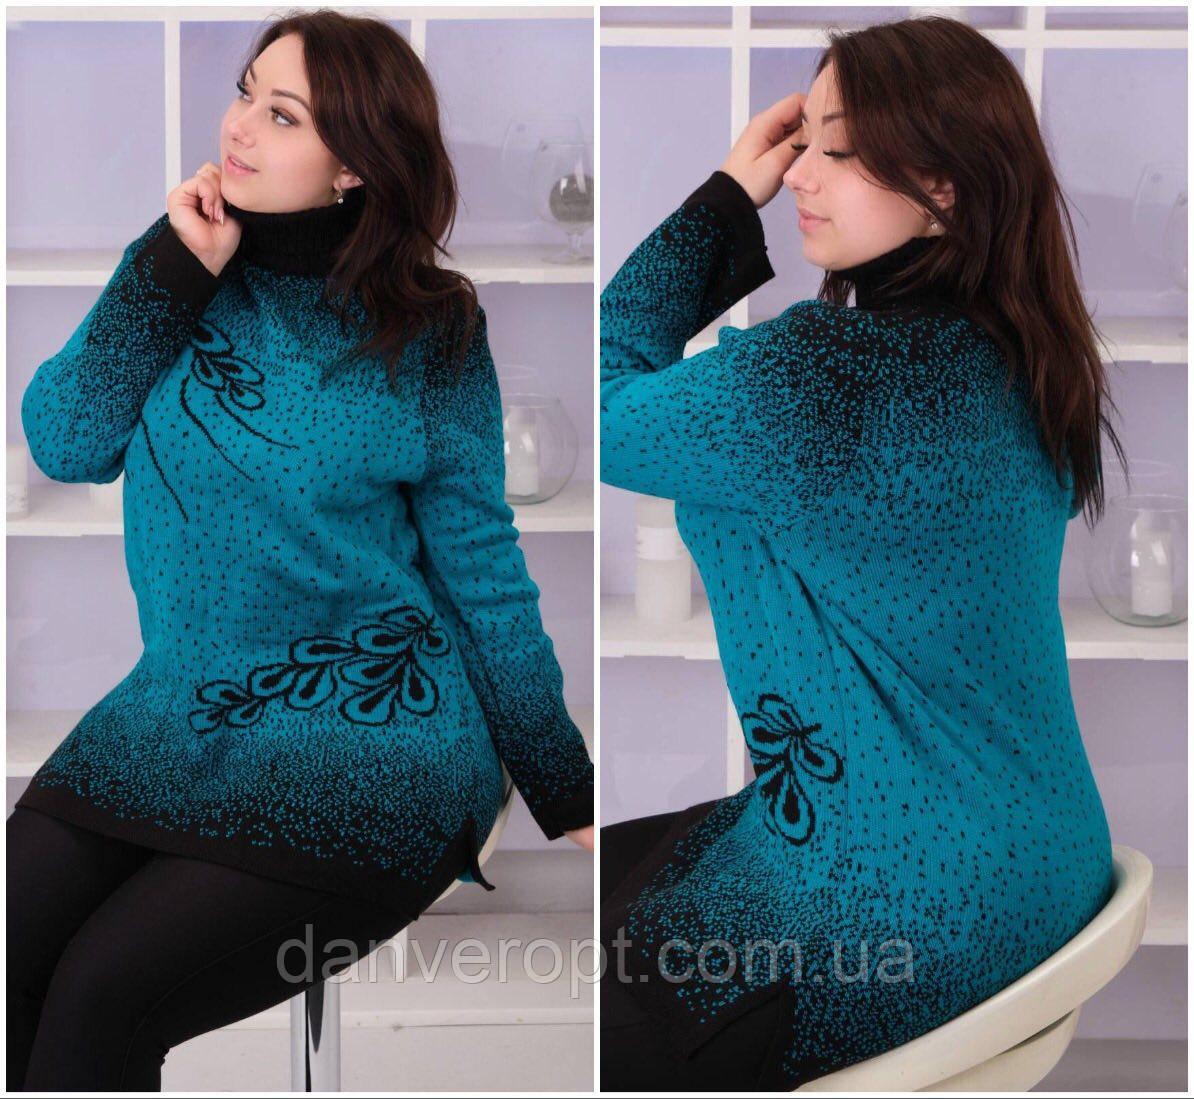 Туника женская модная стильная размер универсальный 54-58 купить оптом со склада 7км Одесса